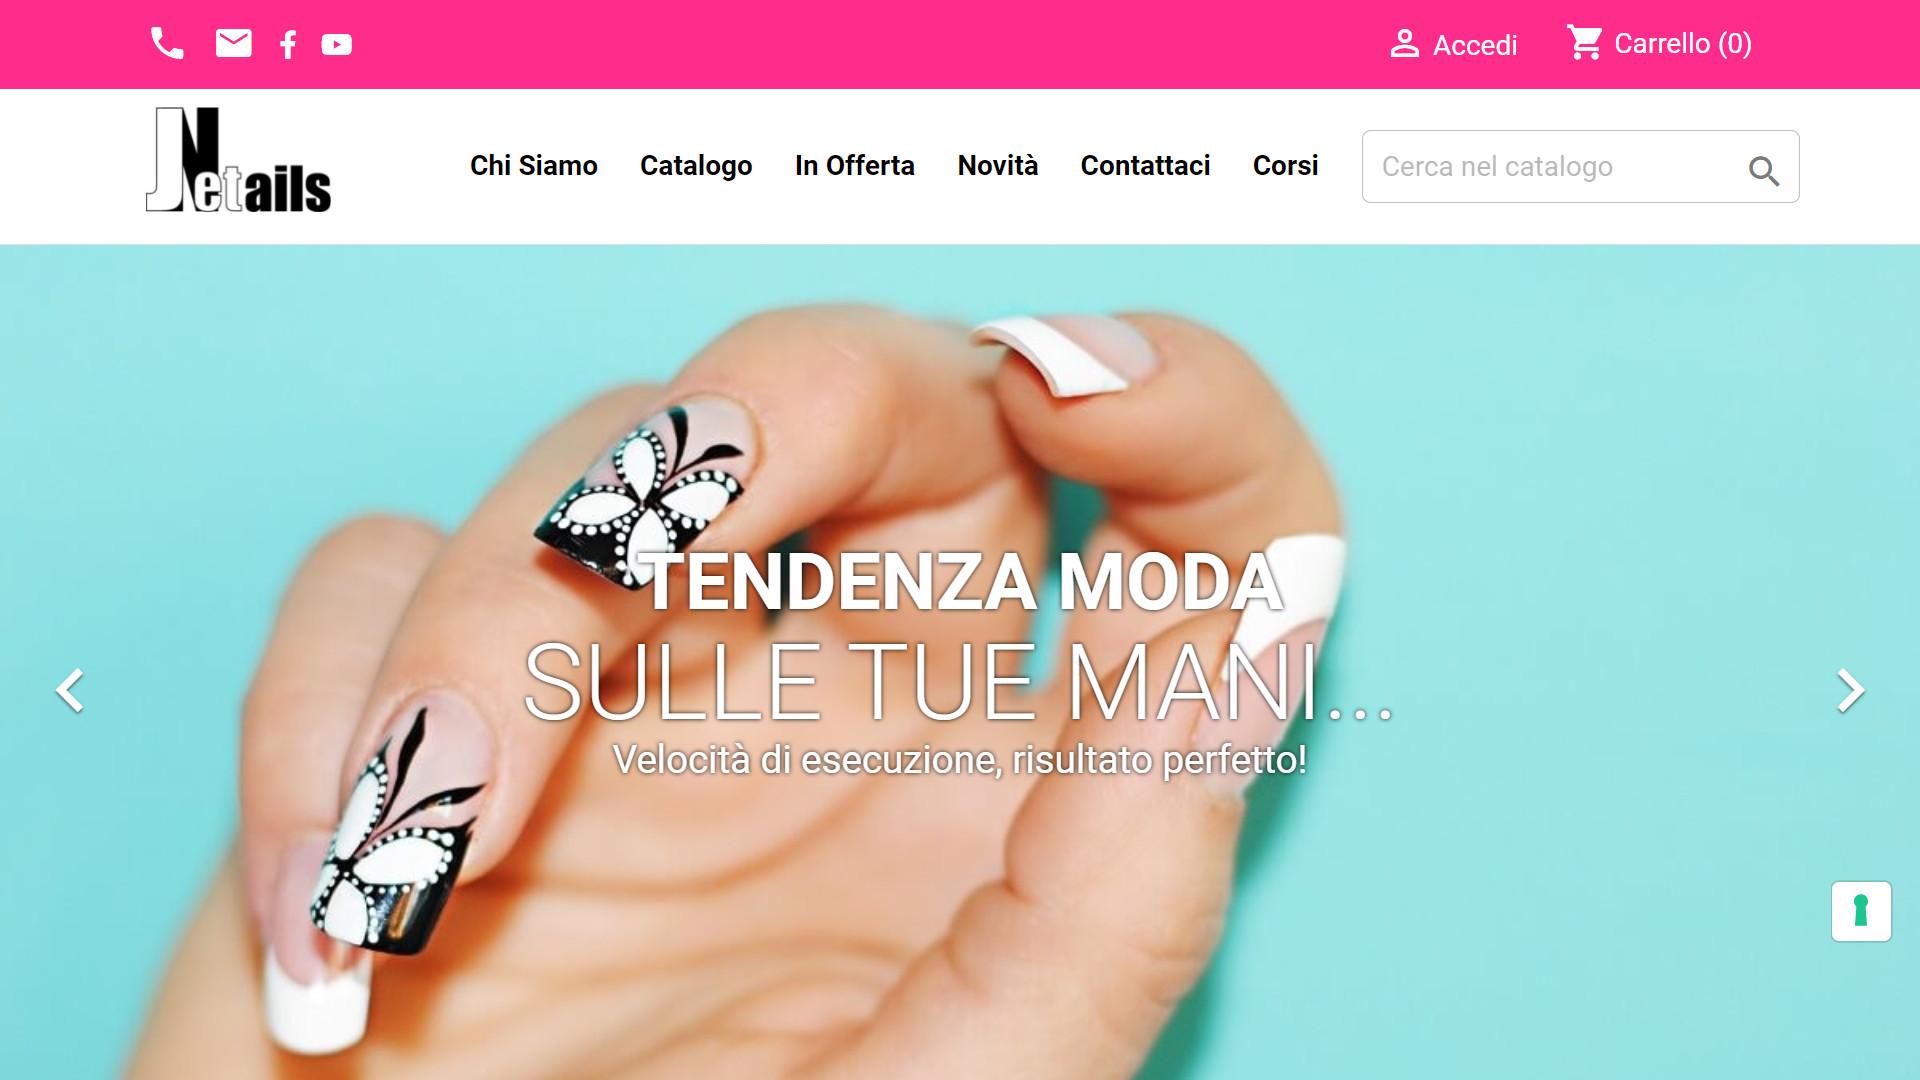 Mano di donna con unghie decorate da Jet Nails